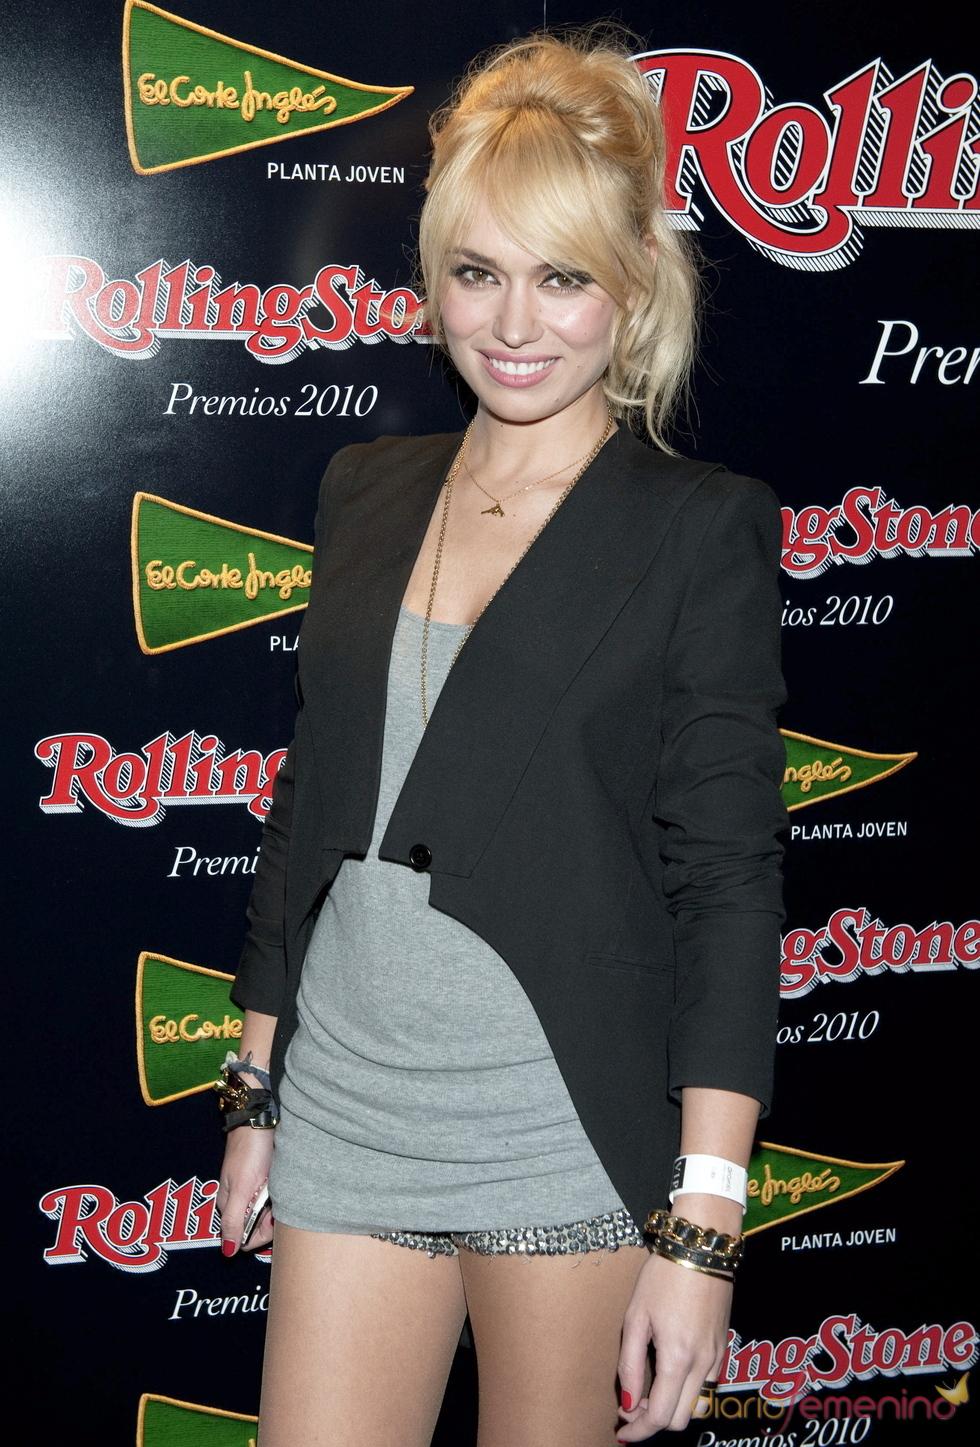 Premios Rolling Stone 2010 con Patricia Conde